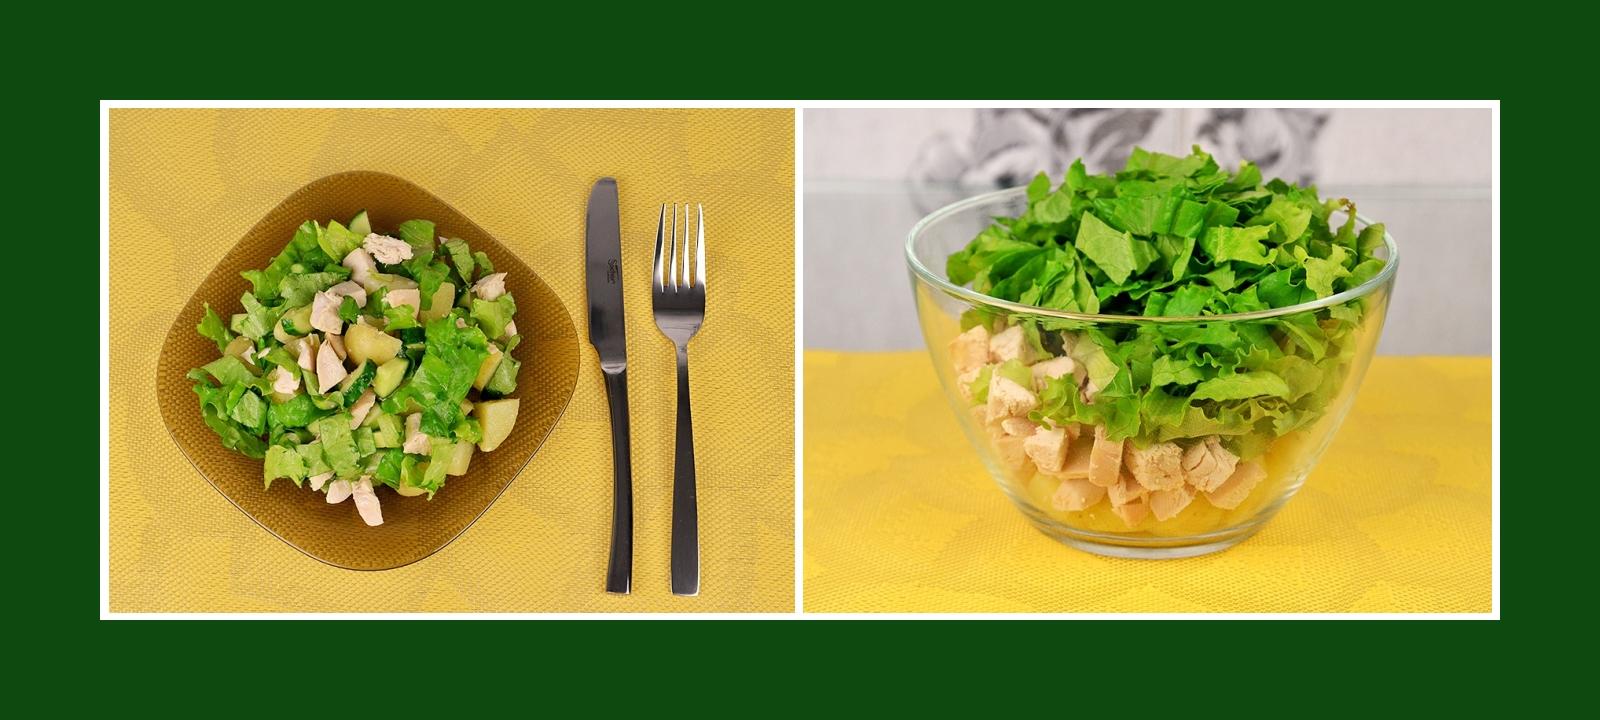 Zarter und leichter Salat mit Kartoffeln, Gurken, Salat und Fleisch